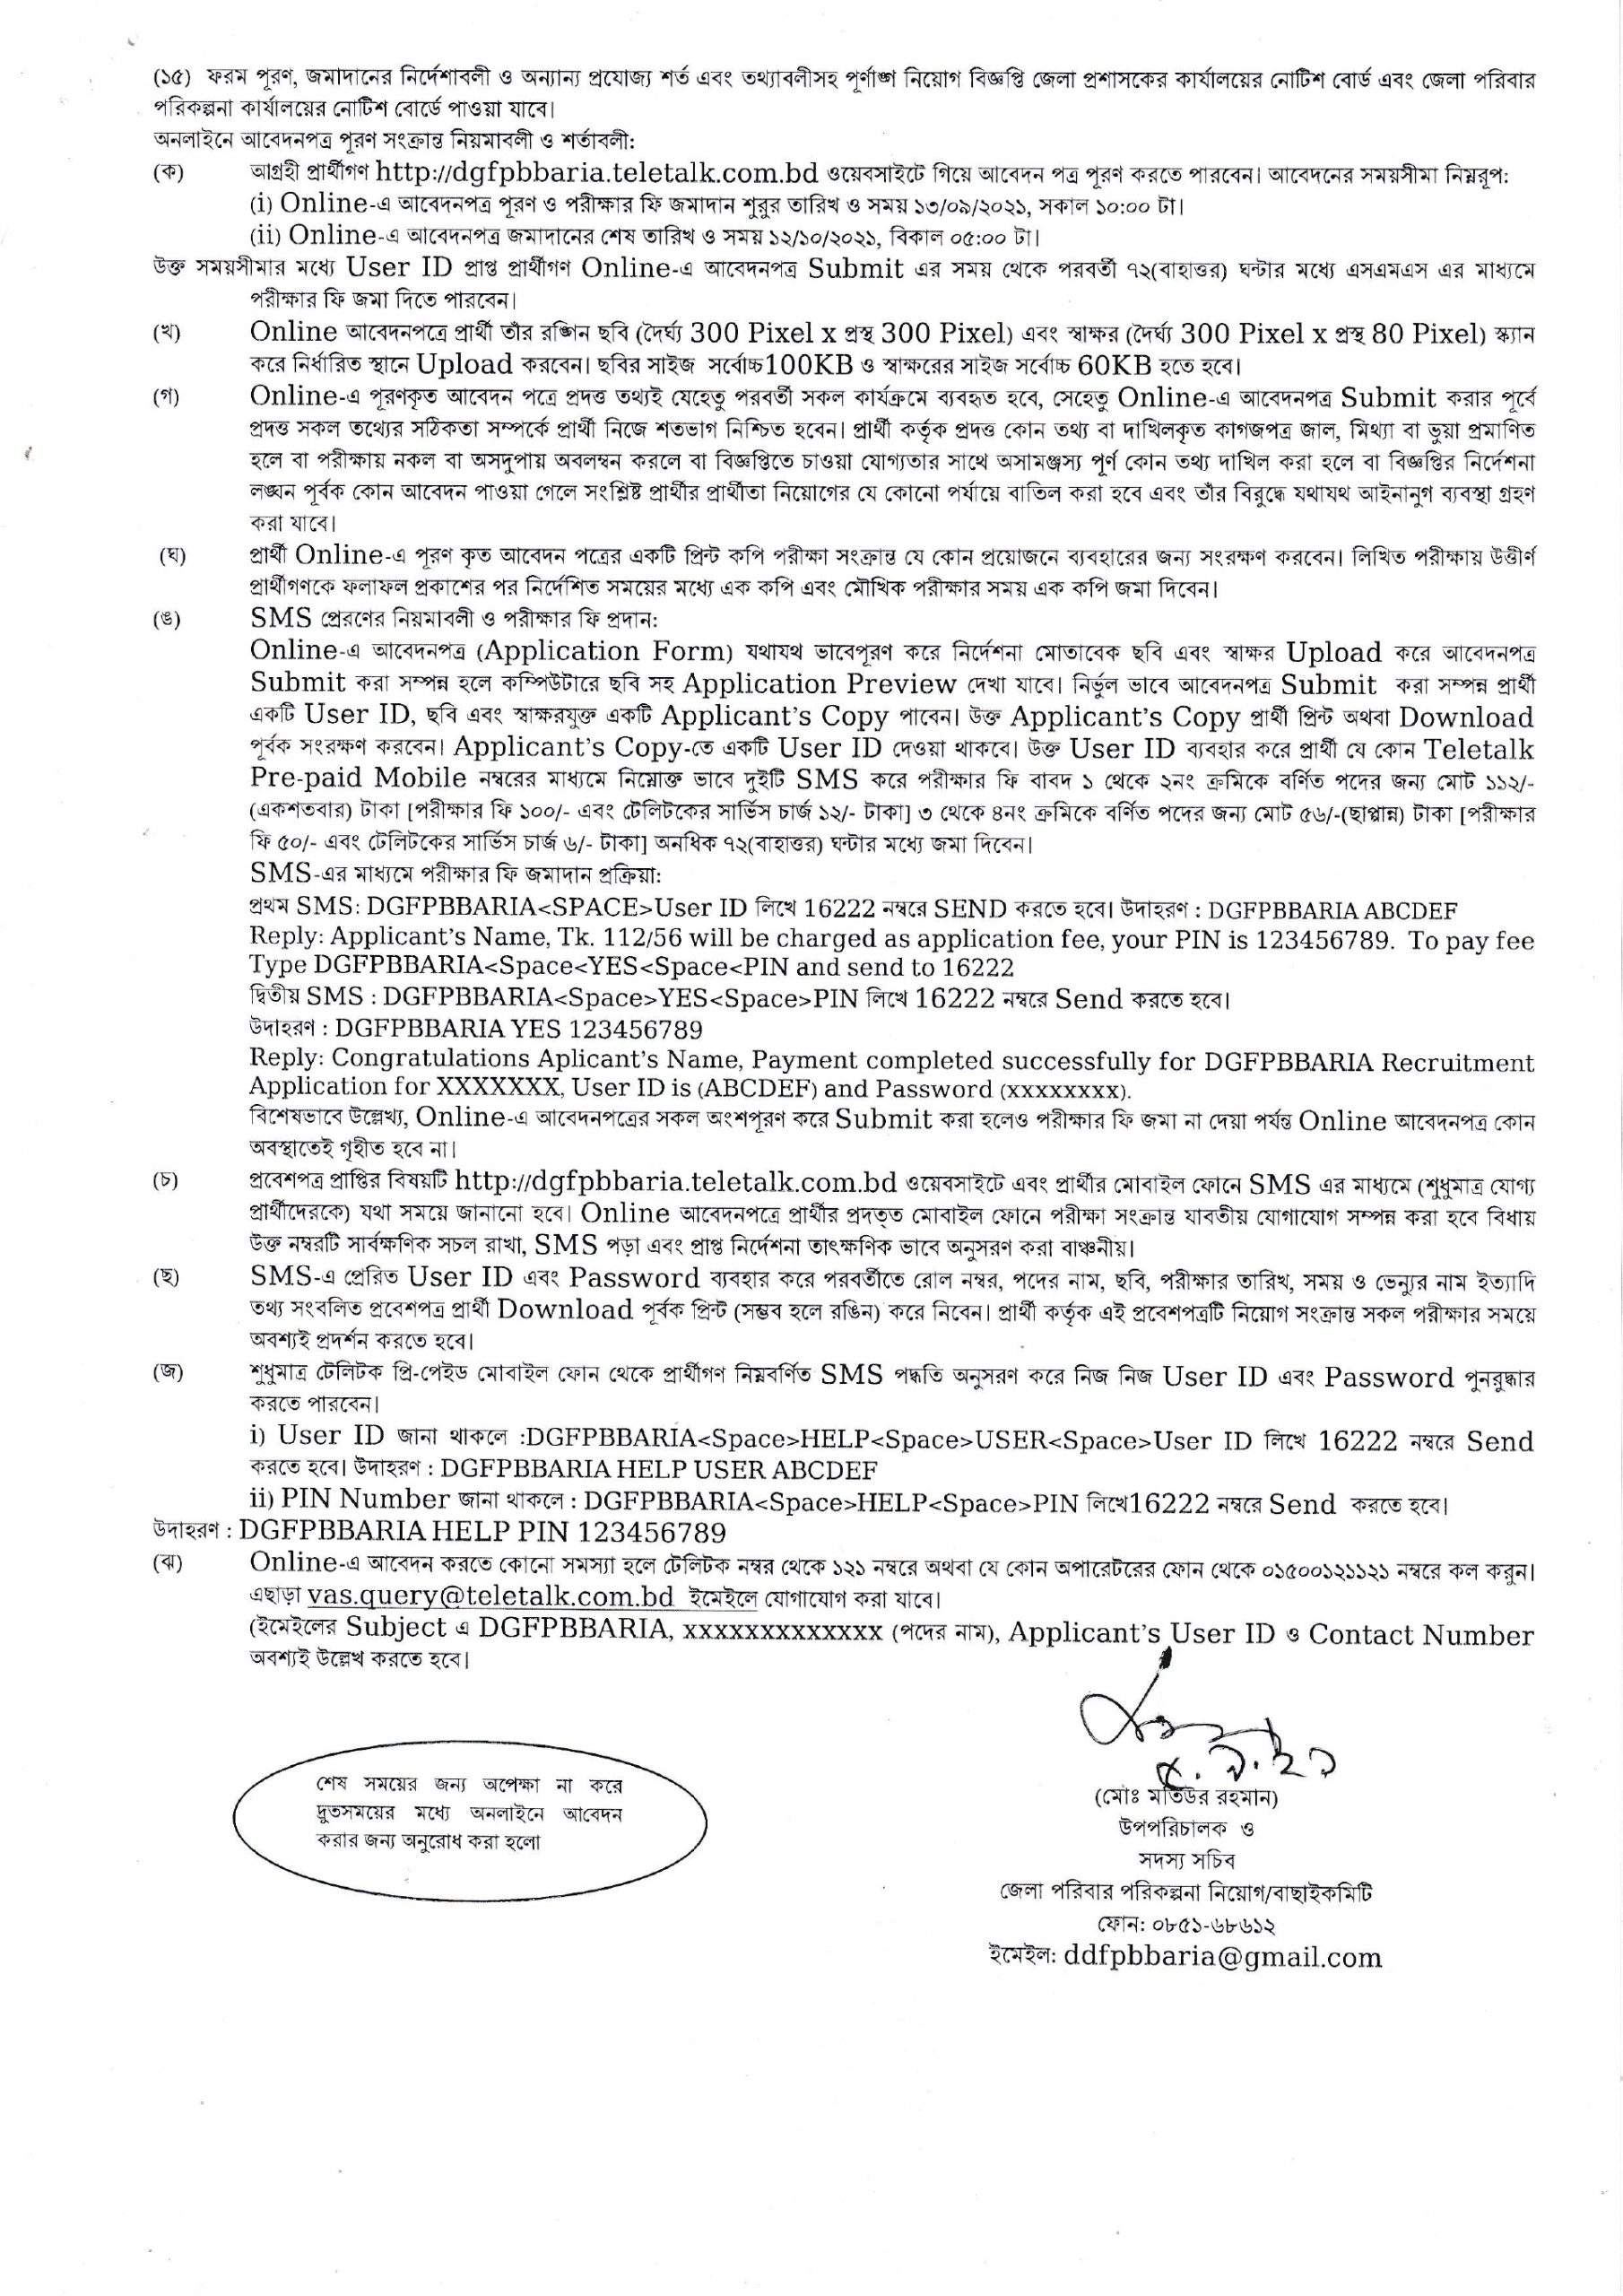 Brahmanbaria Family planning Job Circular 2021, Brahmanbaria poribar porikolpona job circular 2021, ব্রাহ্মণবাড়িয়া পরিবার পরিকল্পনা জব সার্কুলার ২০২১-4